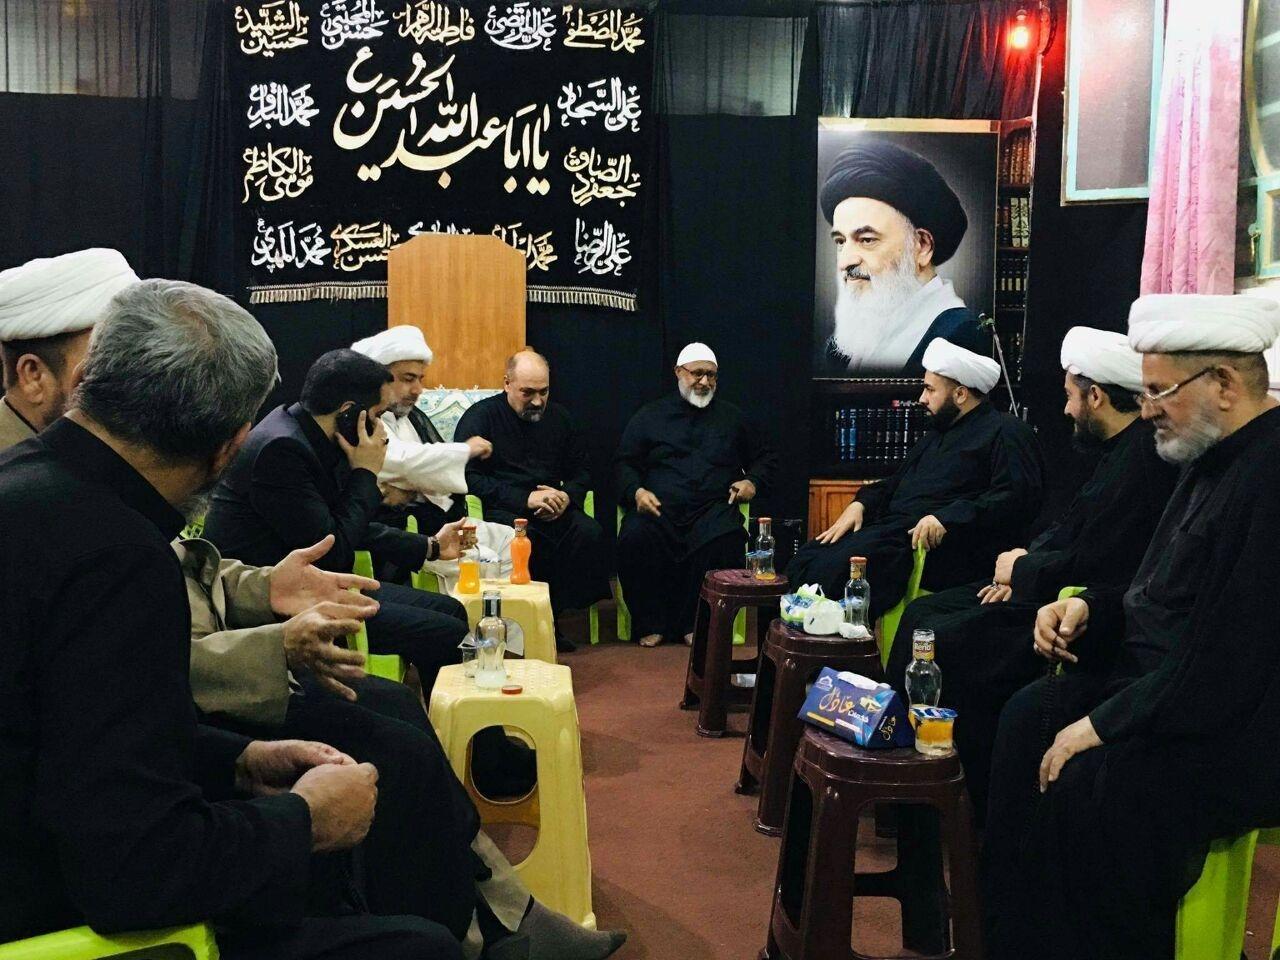 صورة وفد من مكتب المرجع الشيرازي يزور مركز أهل البيت عليهم السلام للفكر الإسلامي في بغداد